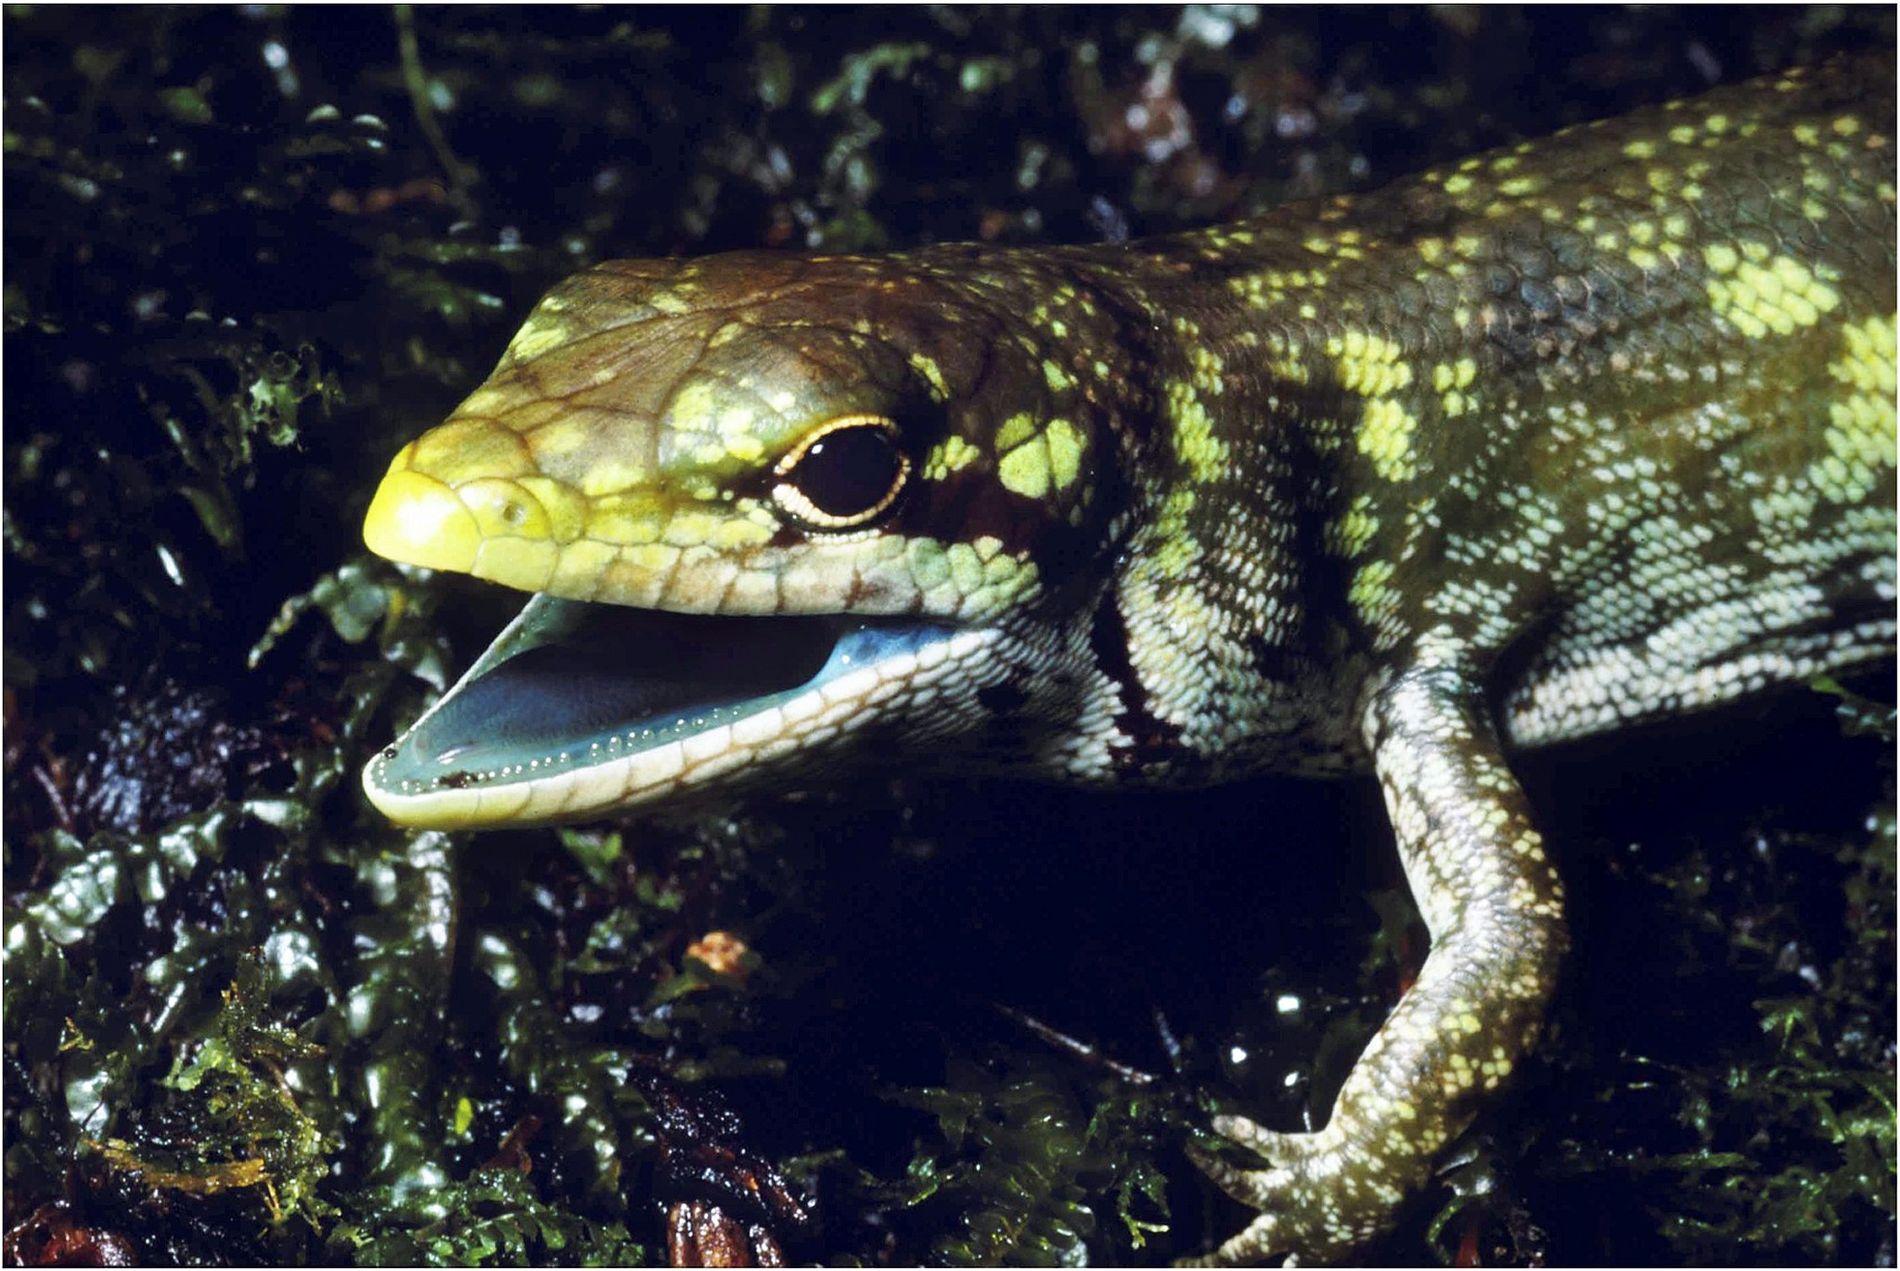 Lagartos do gênero Prasinohaema são totalmente verdes.